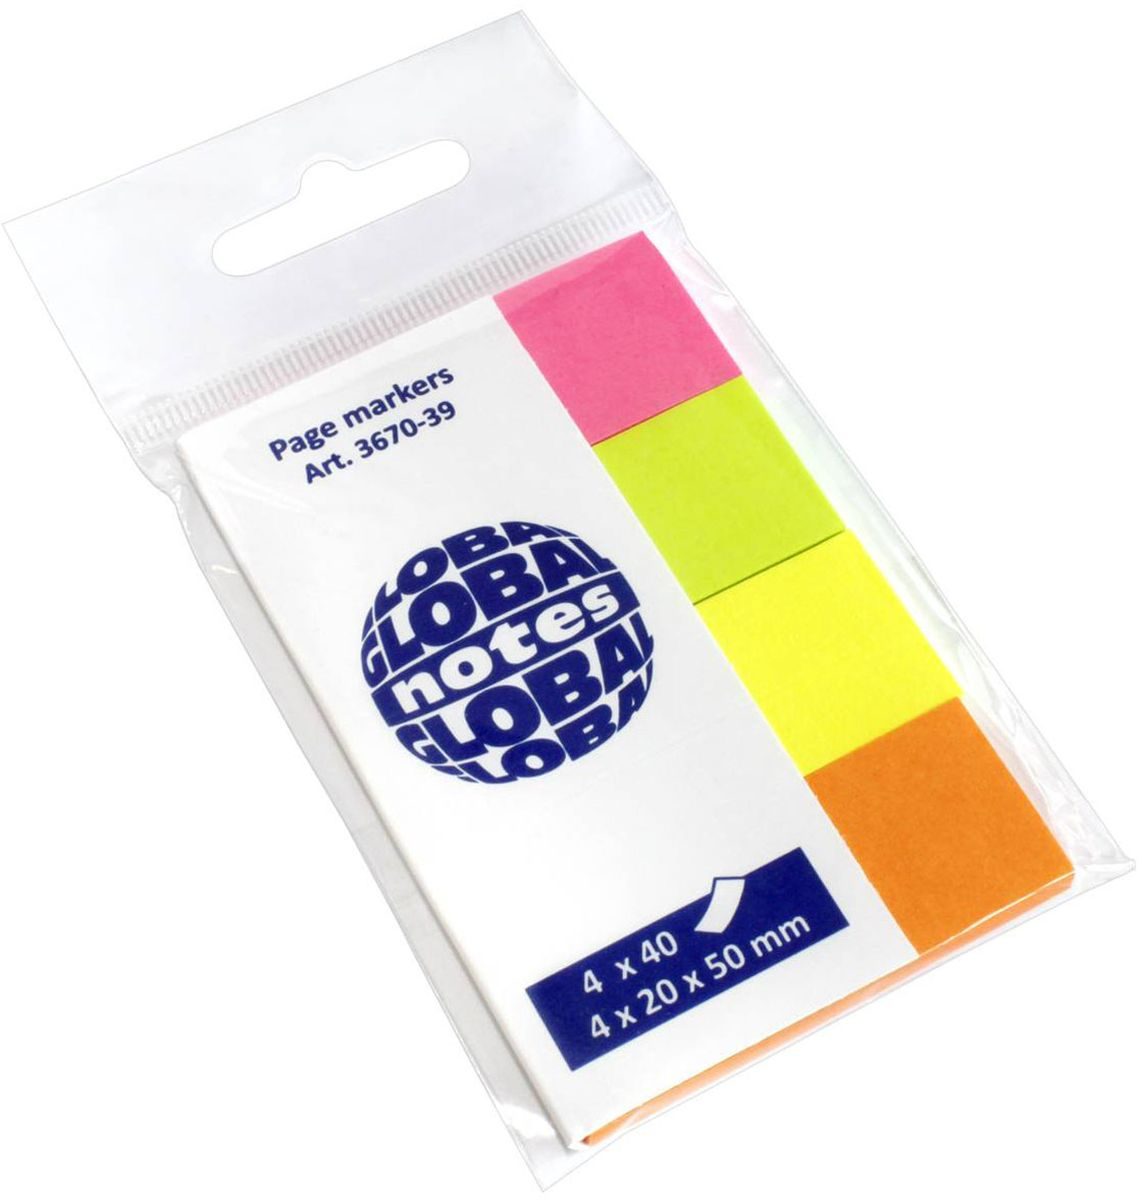 Global Notes Блок-закладка с липким слоем 160 листов 36703955645Закладки бумажные с клеевым слоем предназначены для наиболее эффективного выделения важной информации без повреждения книги или документа. Идеально подходят для быстрой и эффективной работы. 160 листов, 4 ярких цвета. Размер 20х50 ммТолщина бумаги 50 мкр.